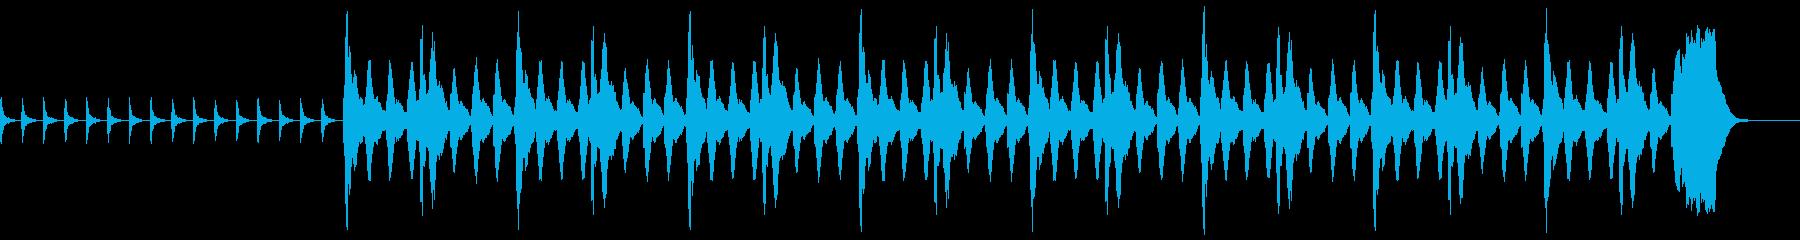 ホラー系の再生済みの波形